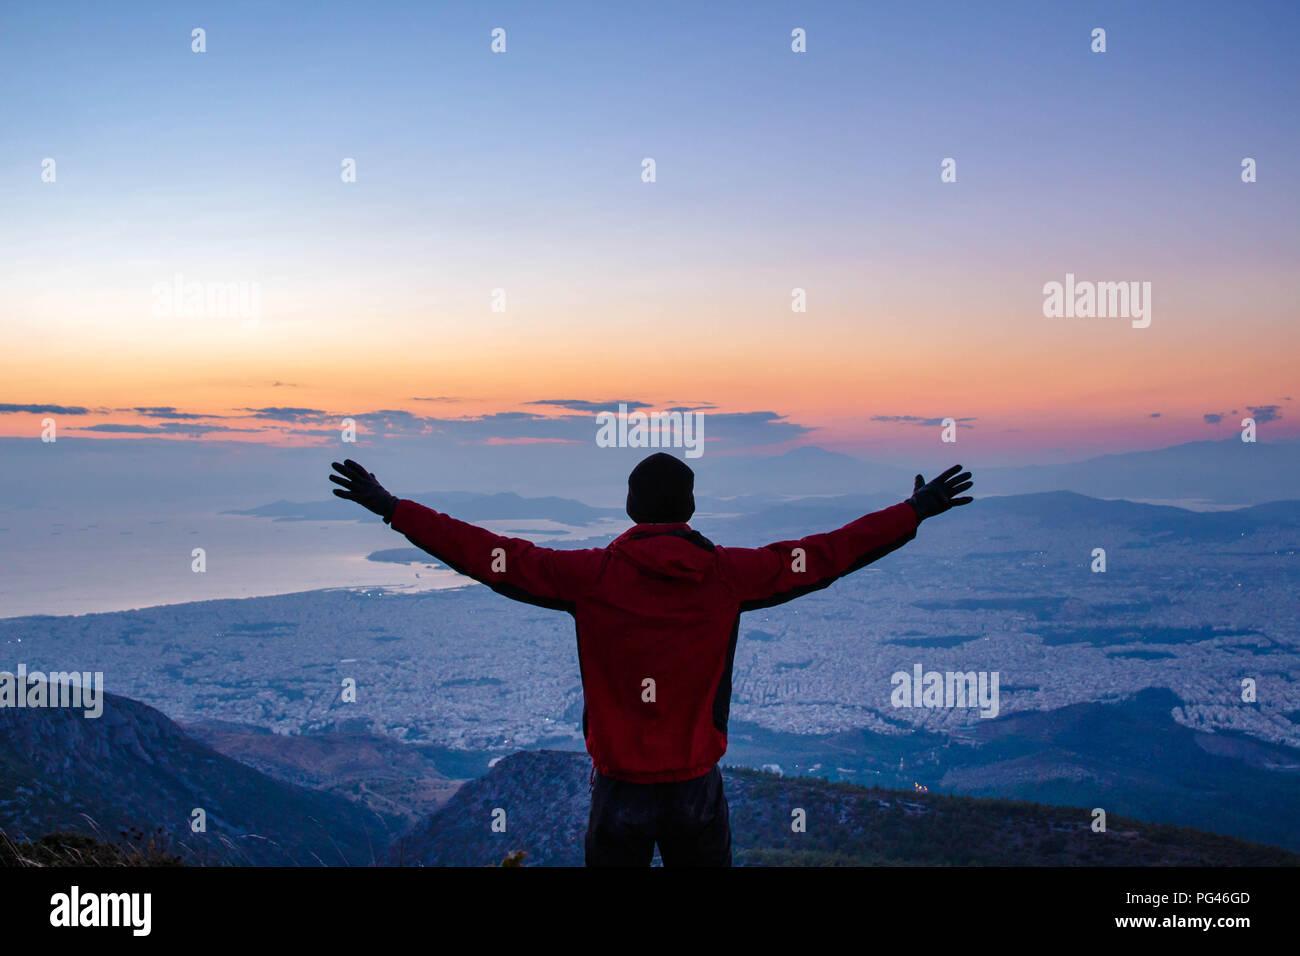 Successo! Realizzare i tuoi sogni, conquista la montagna. Tramonto di Atene in Grecia Immagini Stock